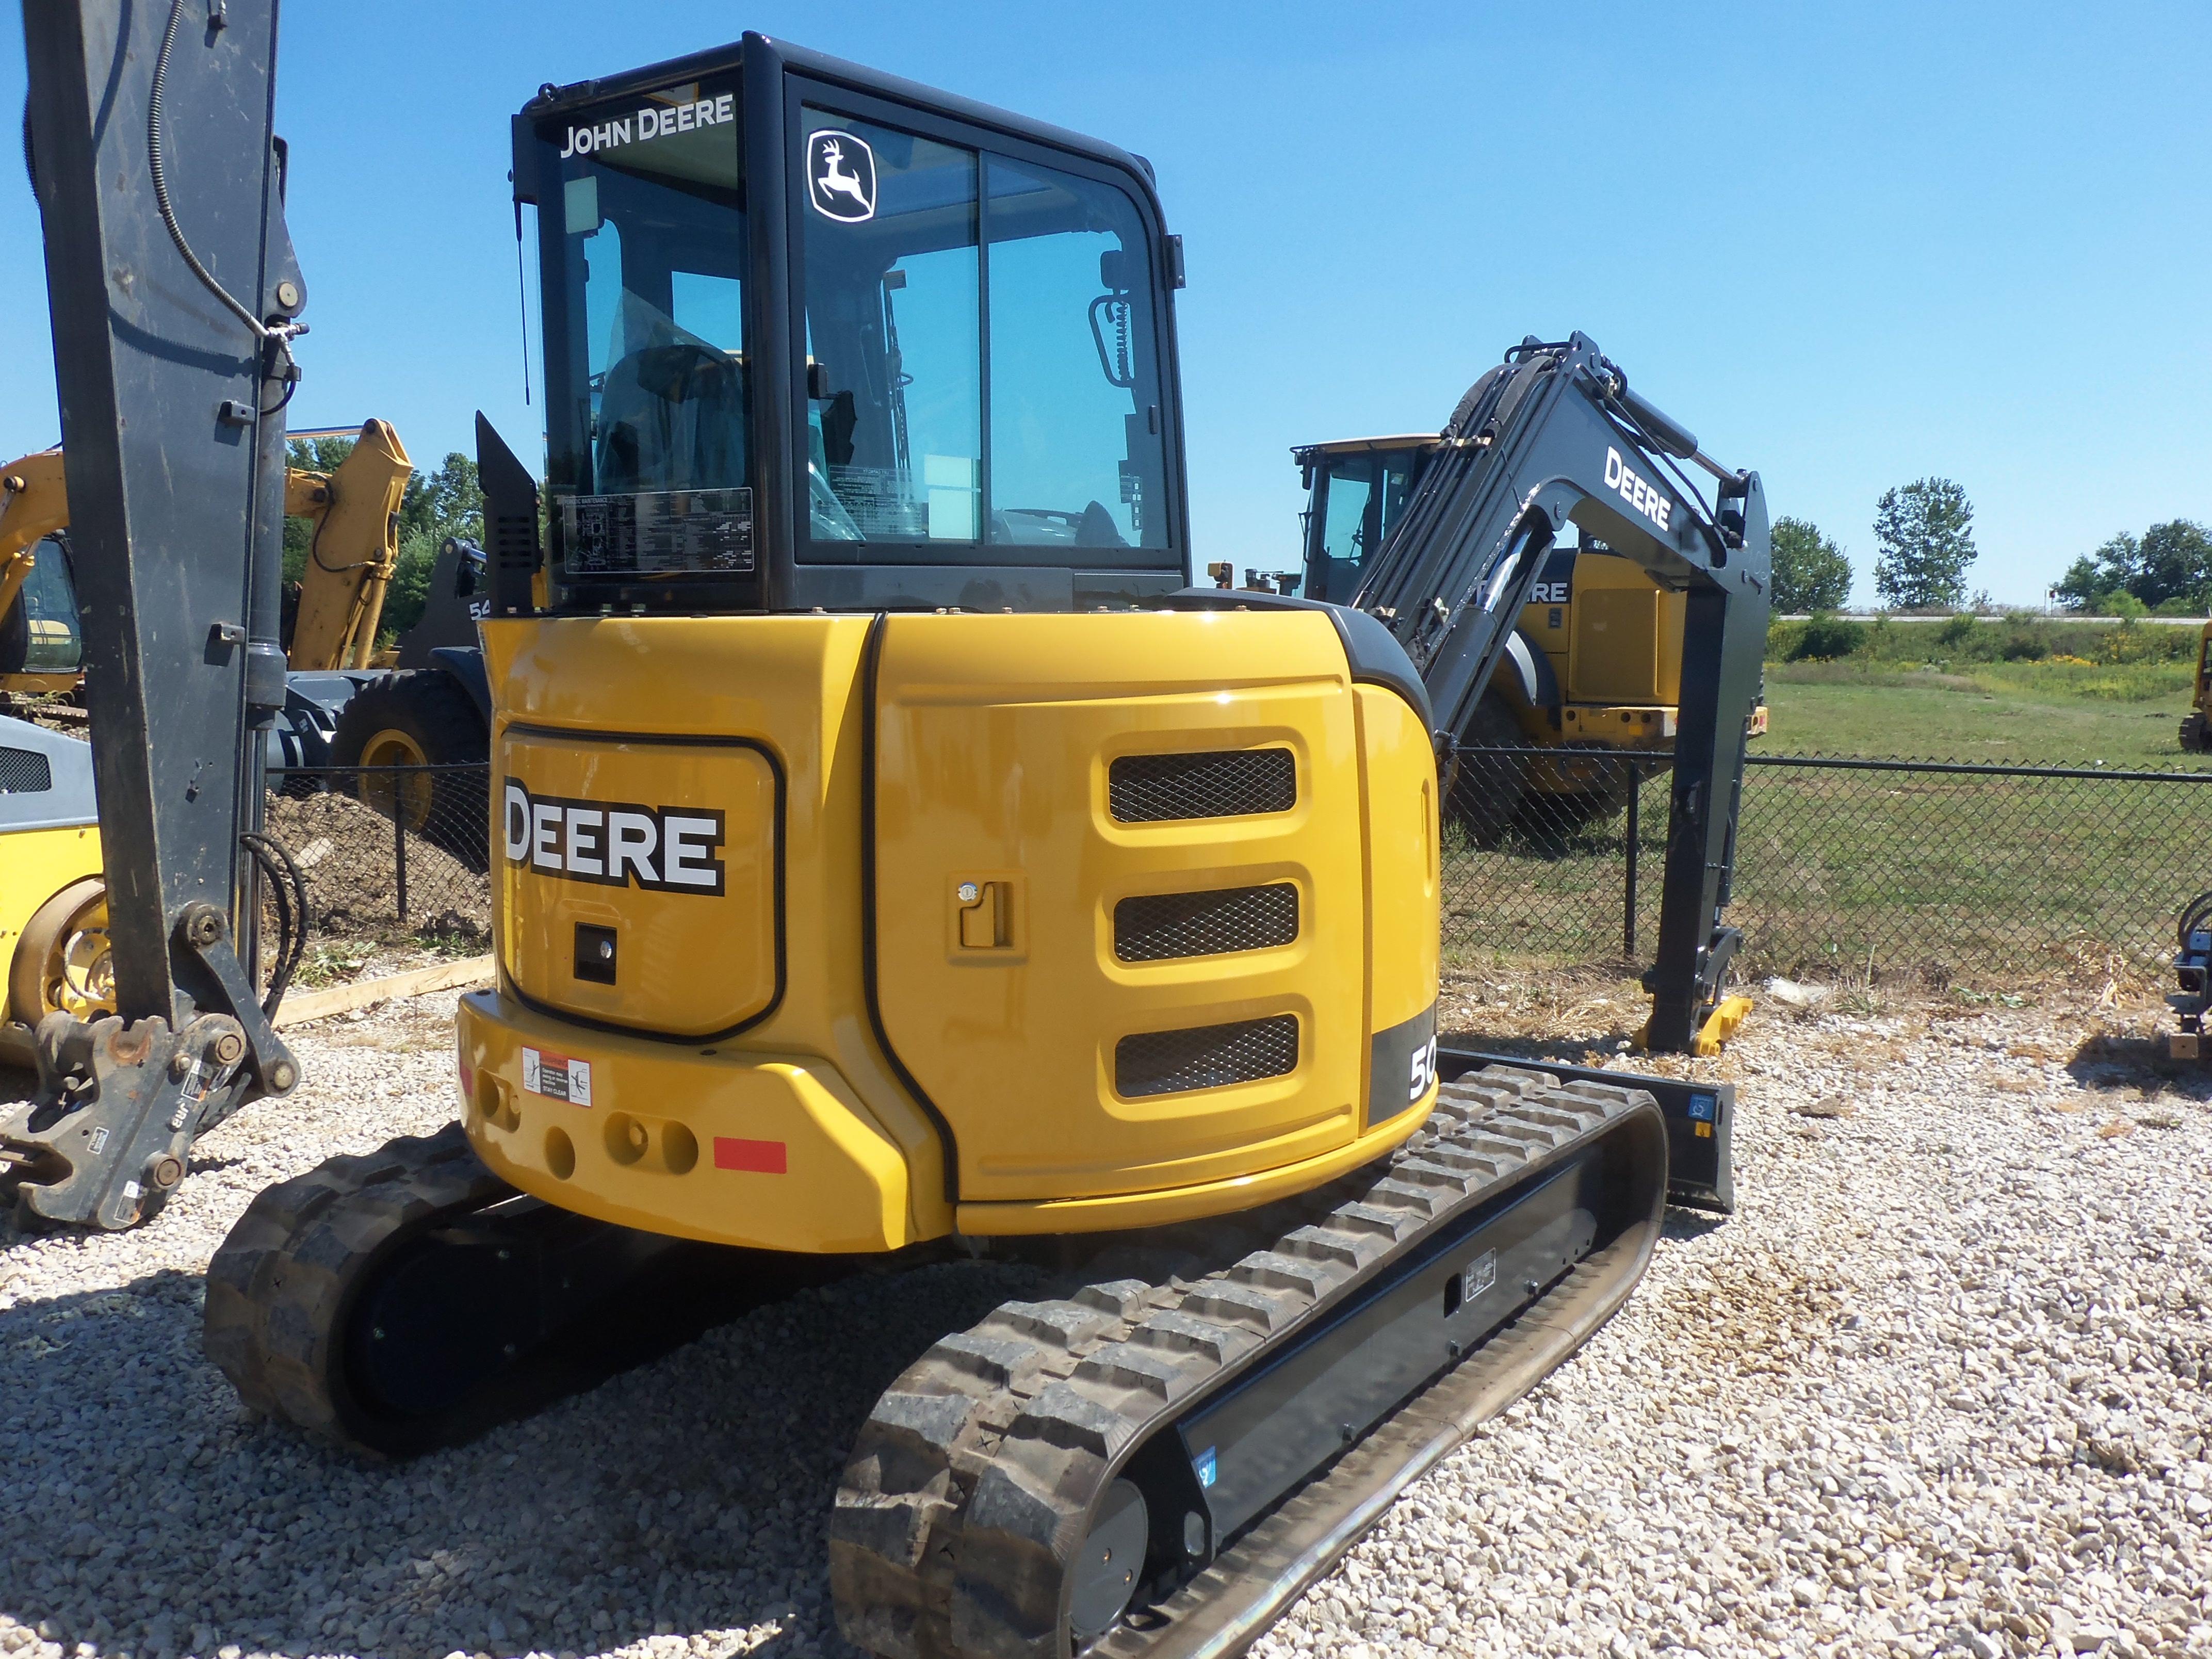 ... of 26.8 hp John Deere 50G excavator | JD construction equipment